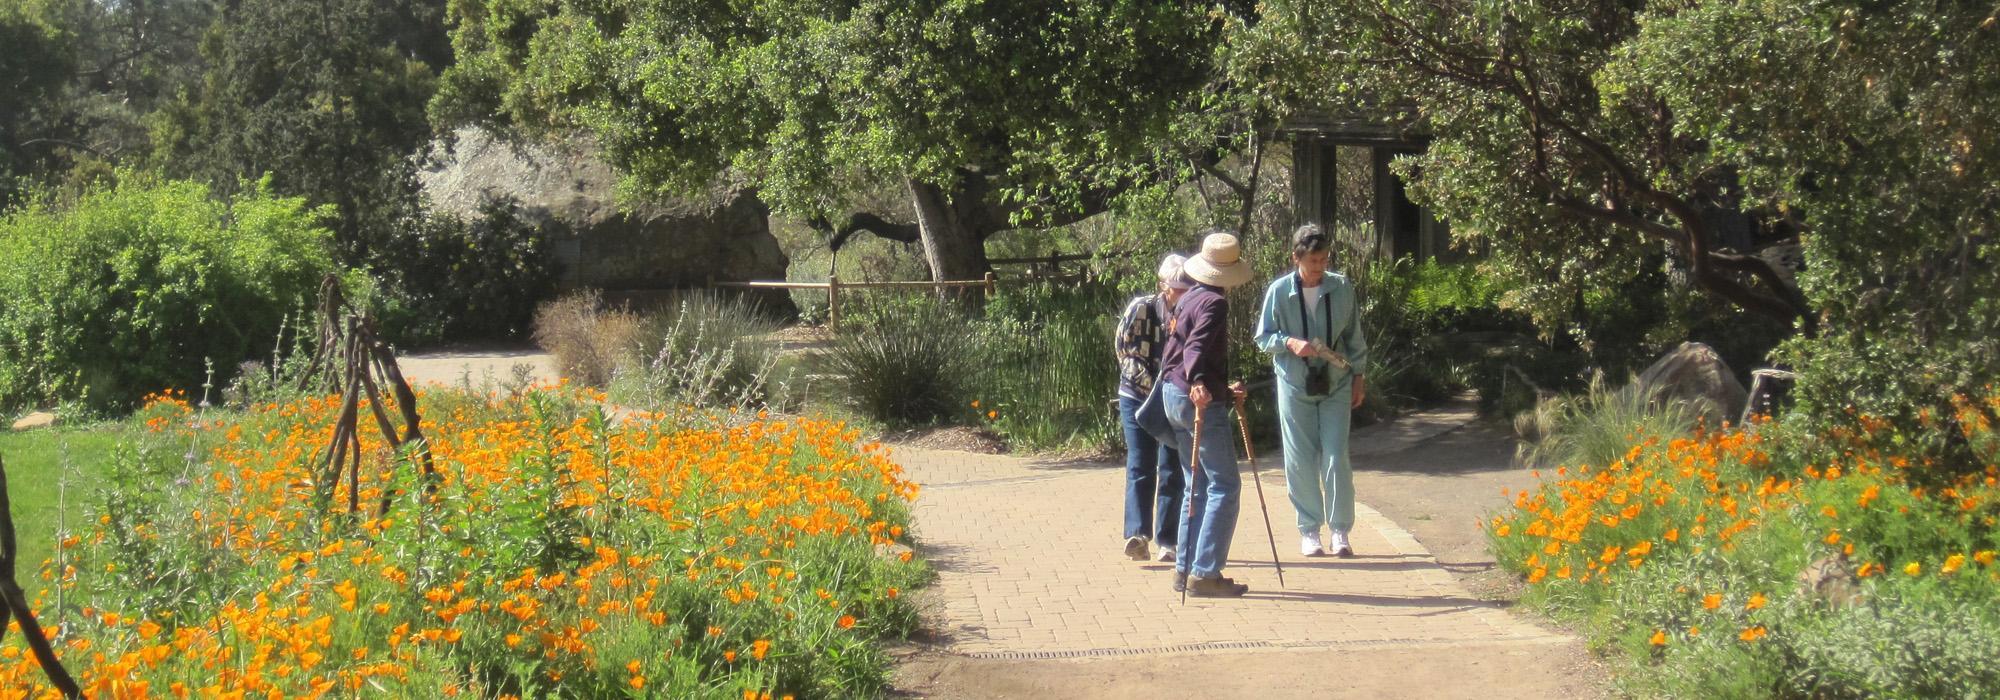 CA_SantaBarbara_BotanicGarden_hero_03_CharlesBirnbaum_2010.jpg